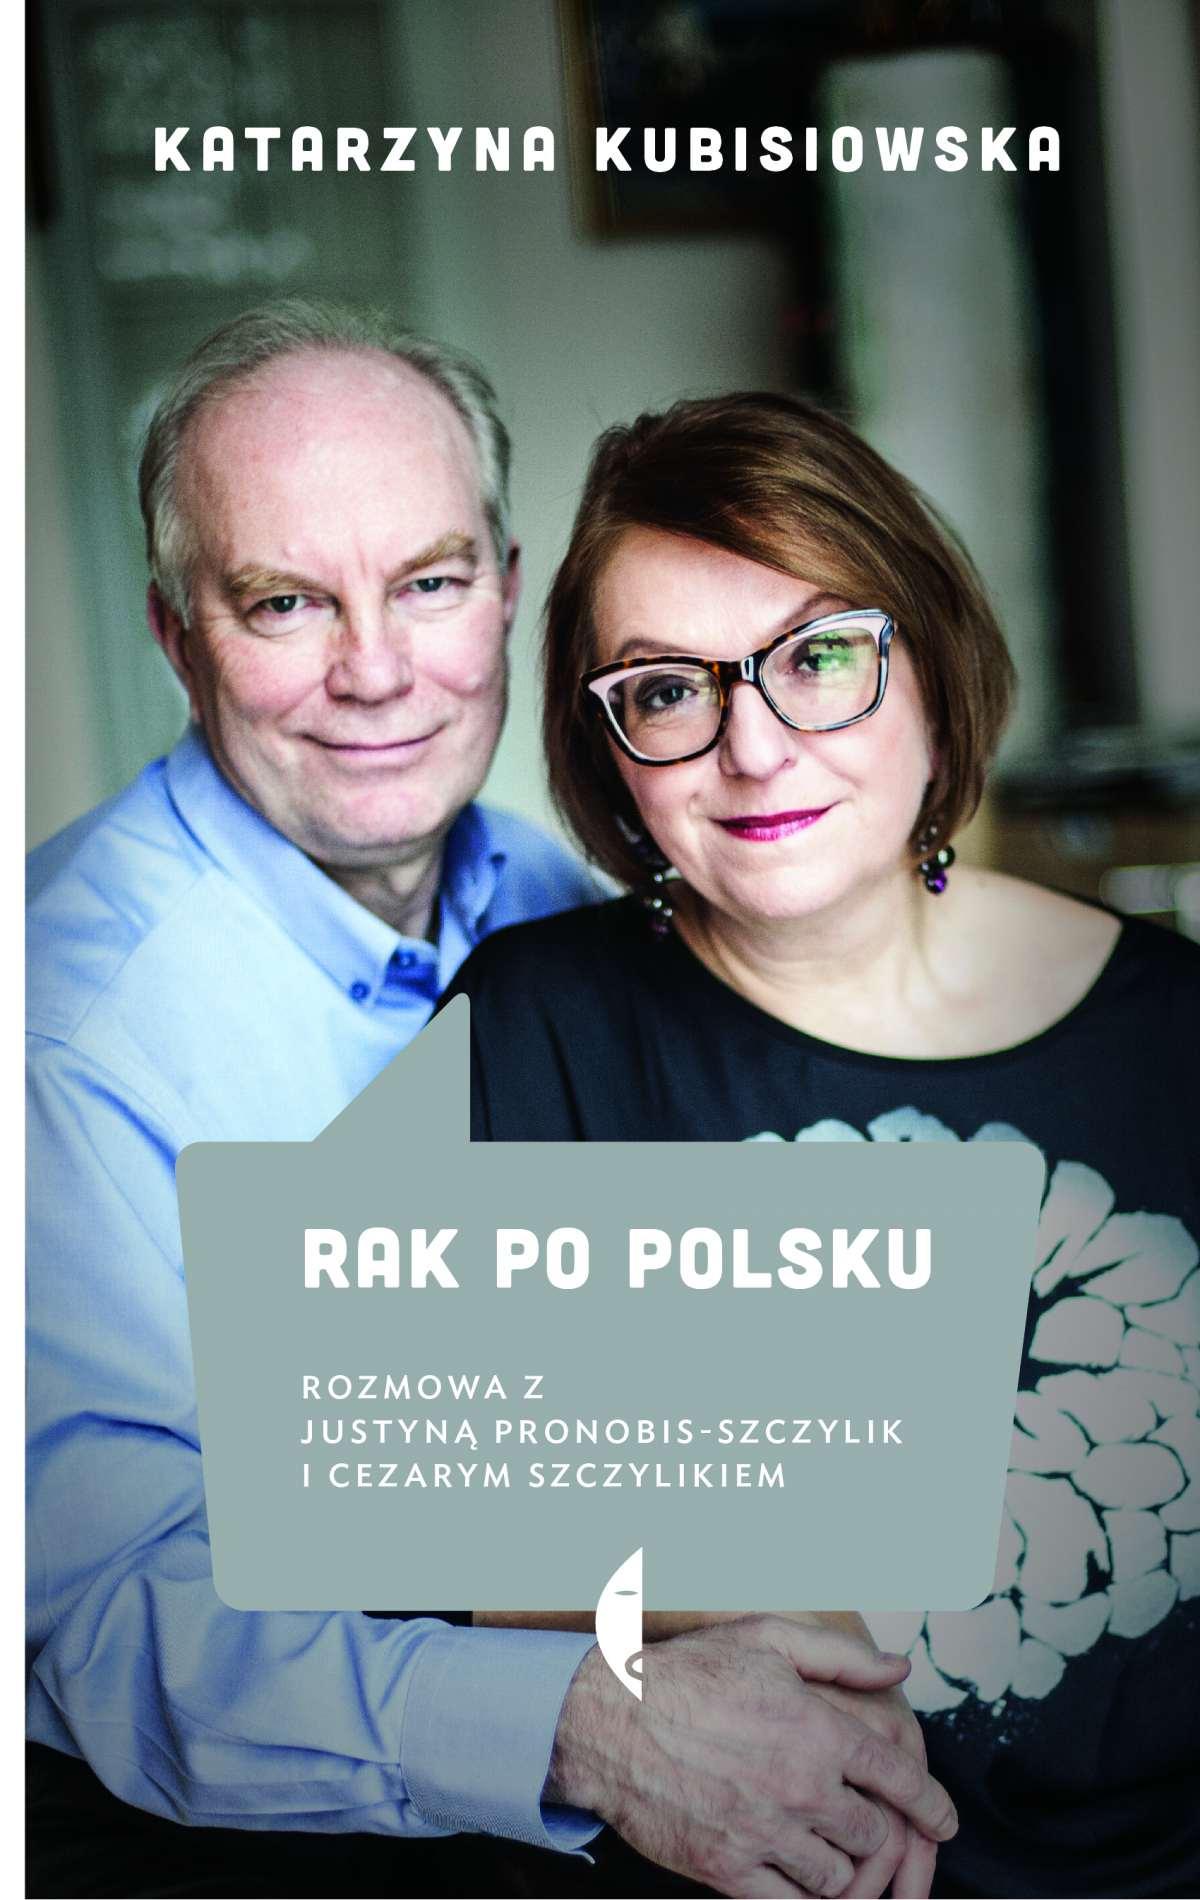 Rak popolsku. Rozmowa zJustyną Pronobis-Szczylik iCezarym Szczylikiem - Ebook (Książka na Kindle) do pobrania w formacie MOBI